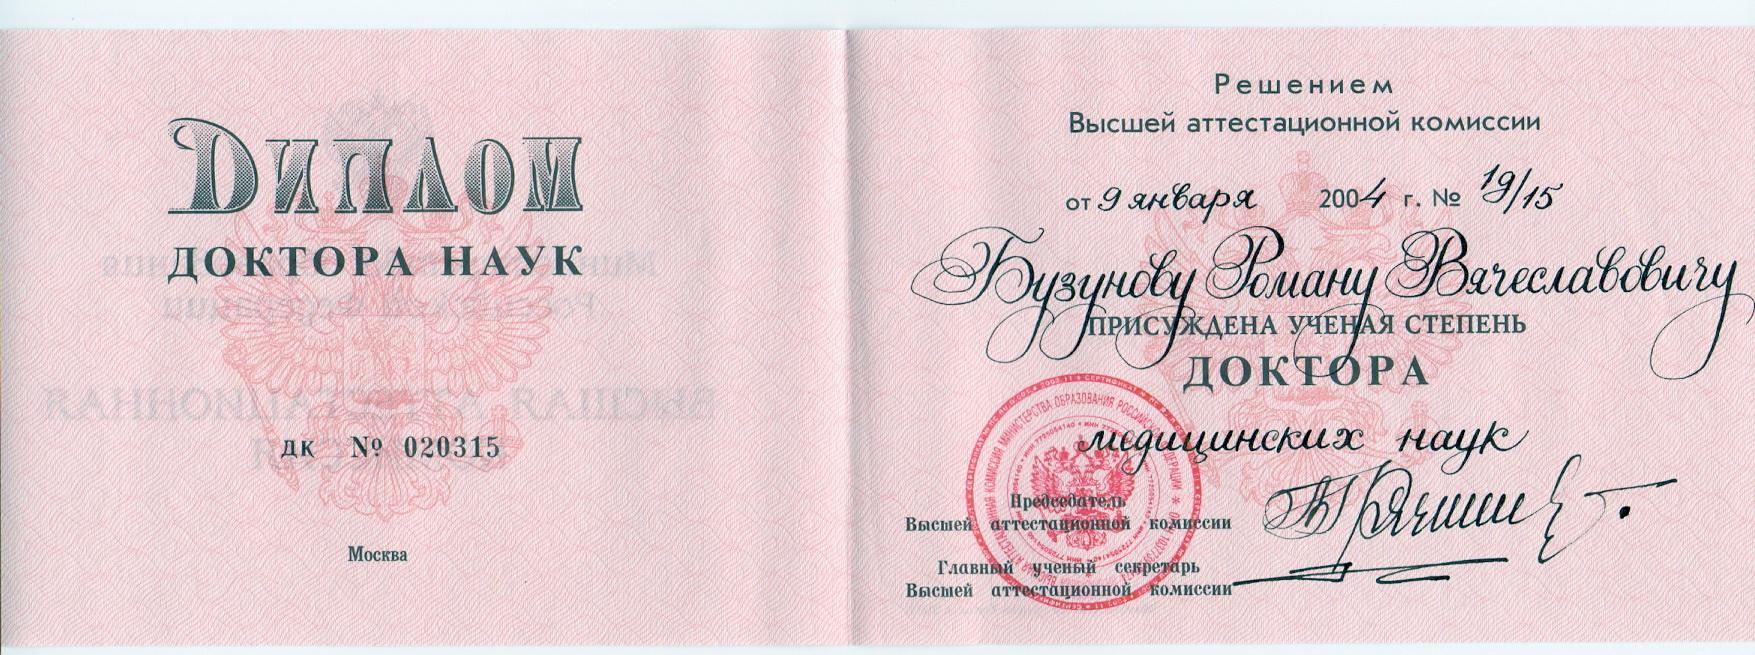 Дипломы и сертификаты ru Диплом доктора медицинских наук от 09 01 04 г ДК №020315